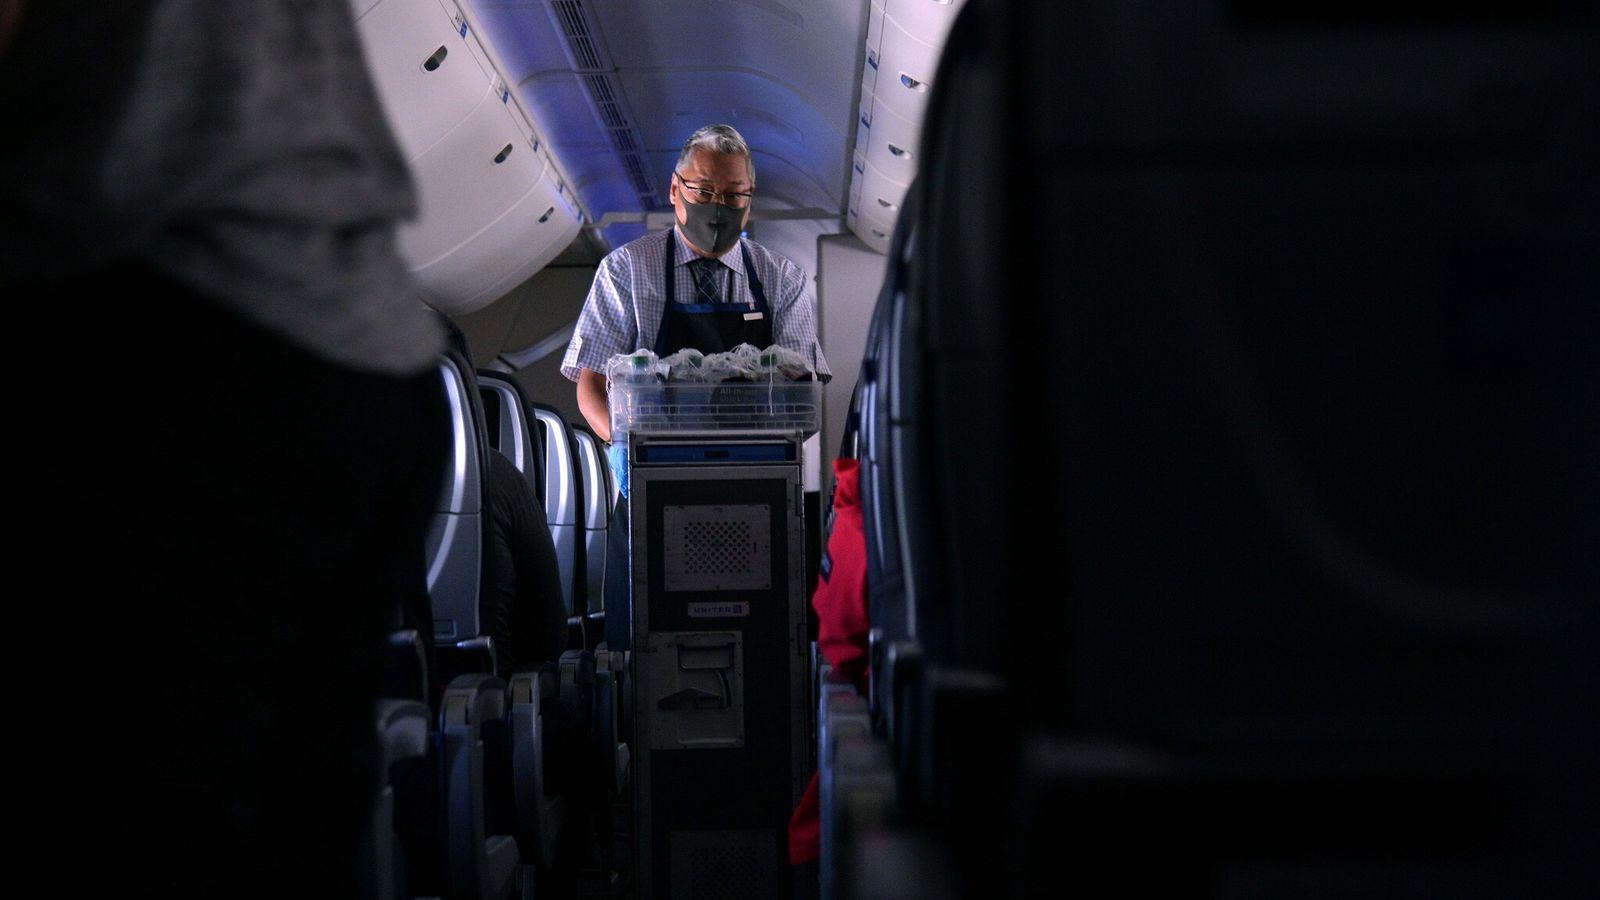 Um comissário de bordo utilizando máscara entrega comidas e bebidas em um voo de São Francisco, ...